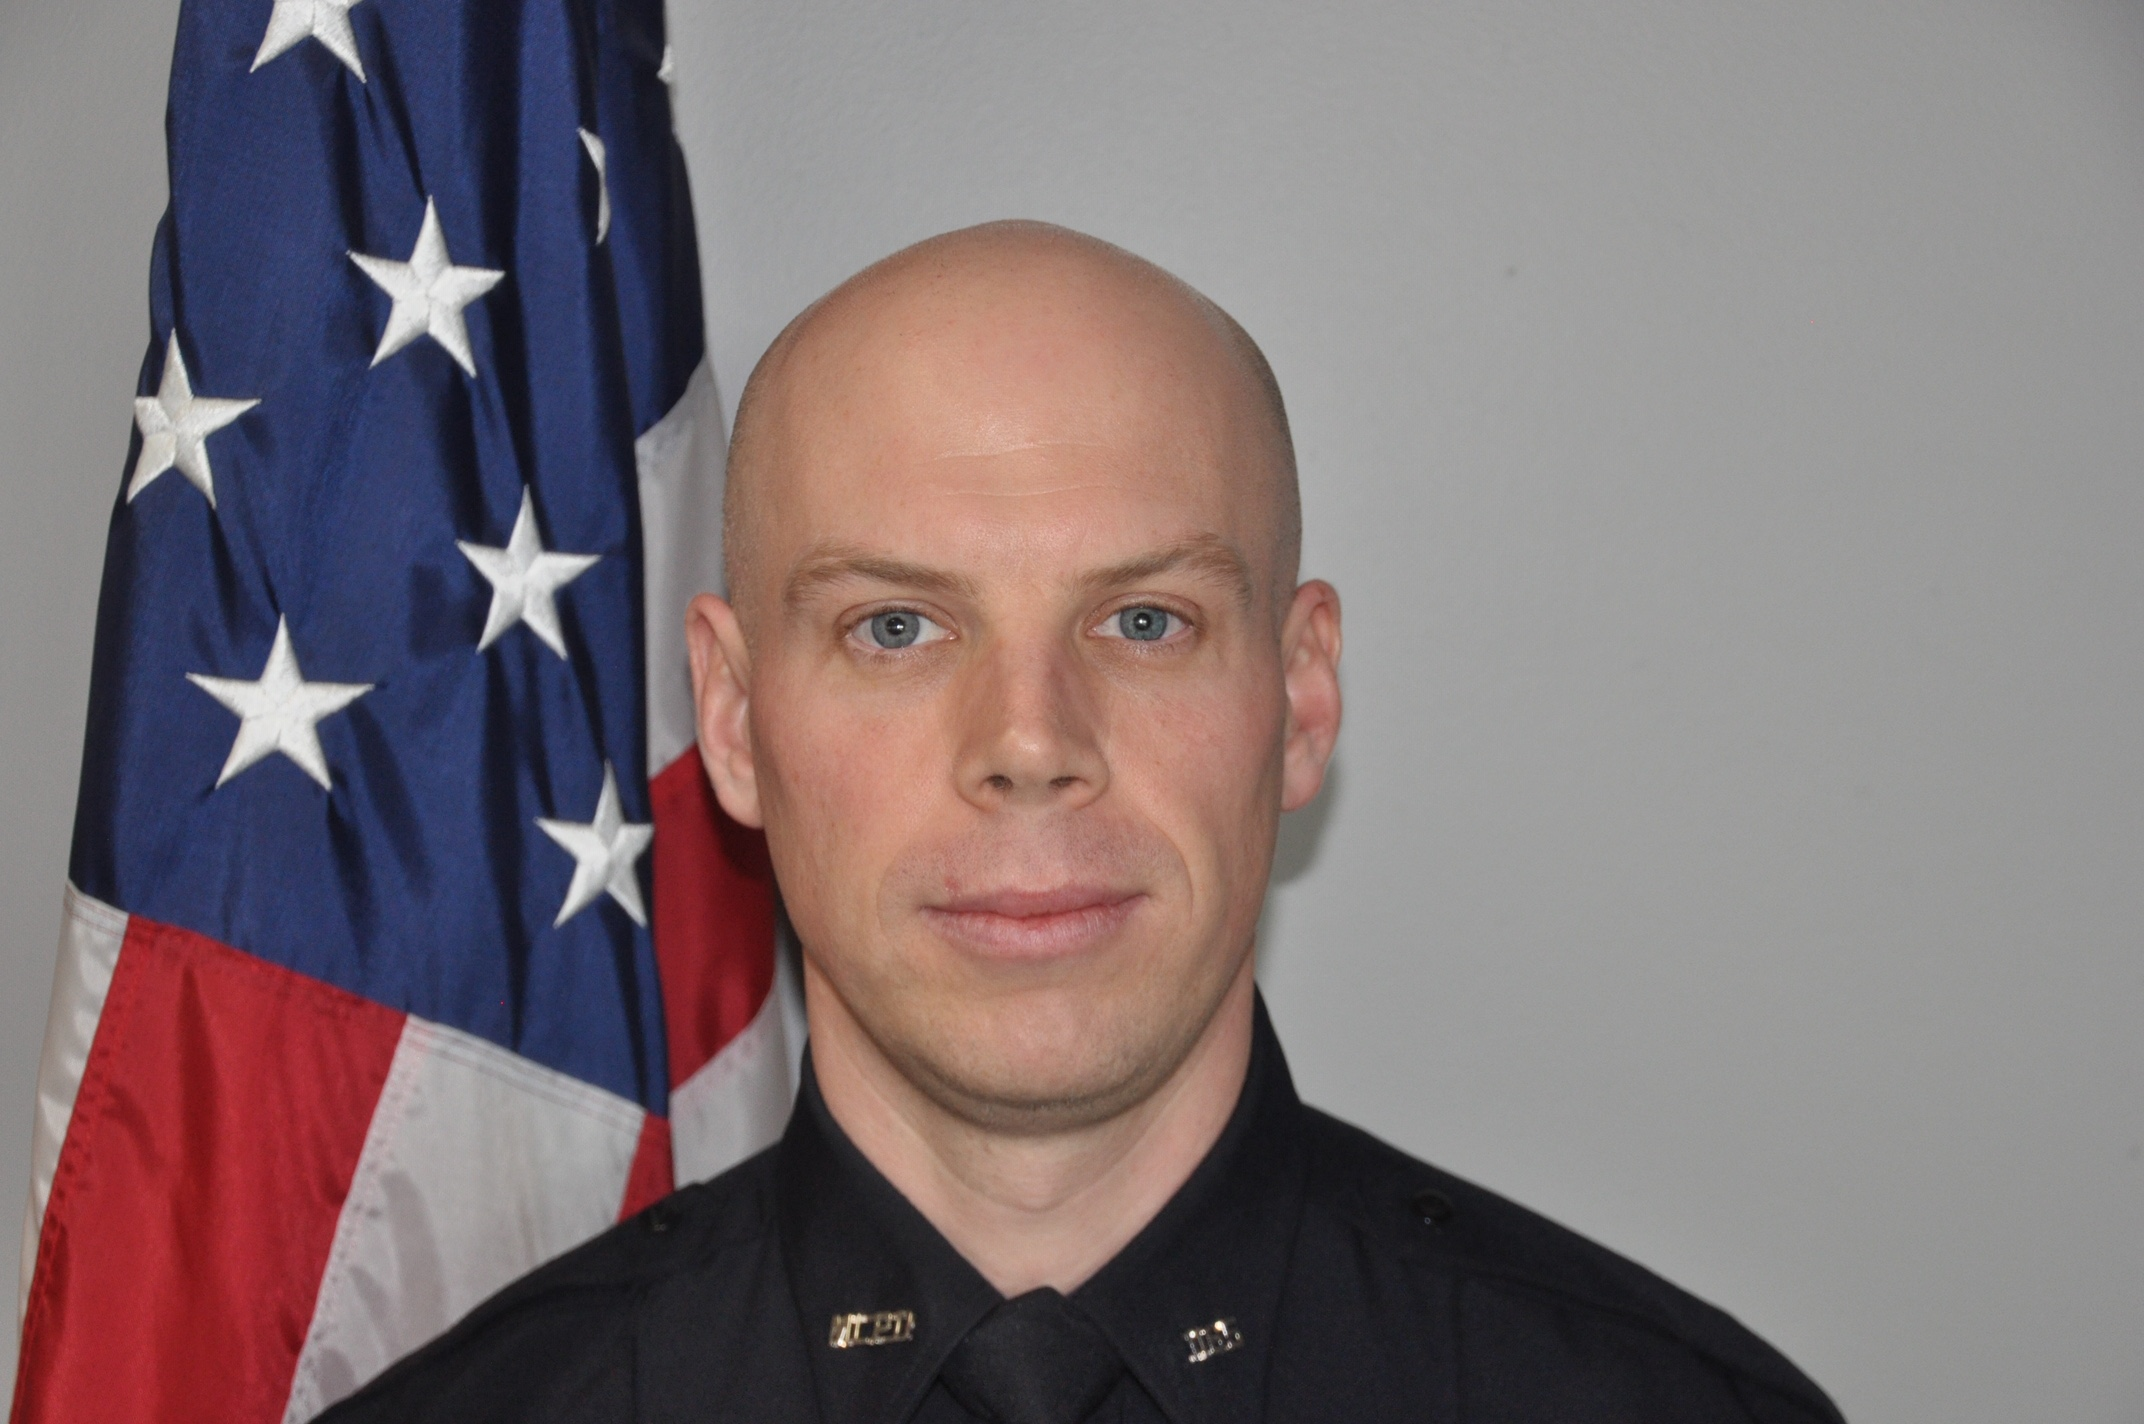 Officer John O'Connor